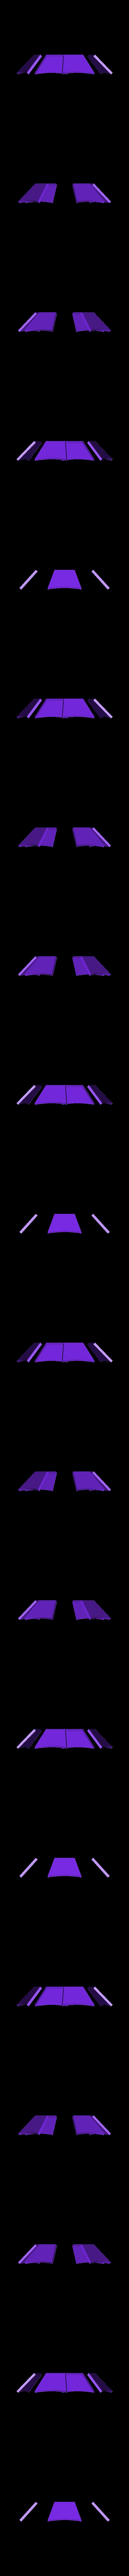 umbrella_other_color.STL Download free STL file Umbrella • 3D print model, OgoSport